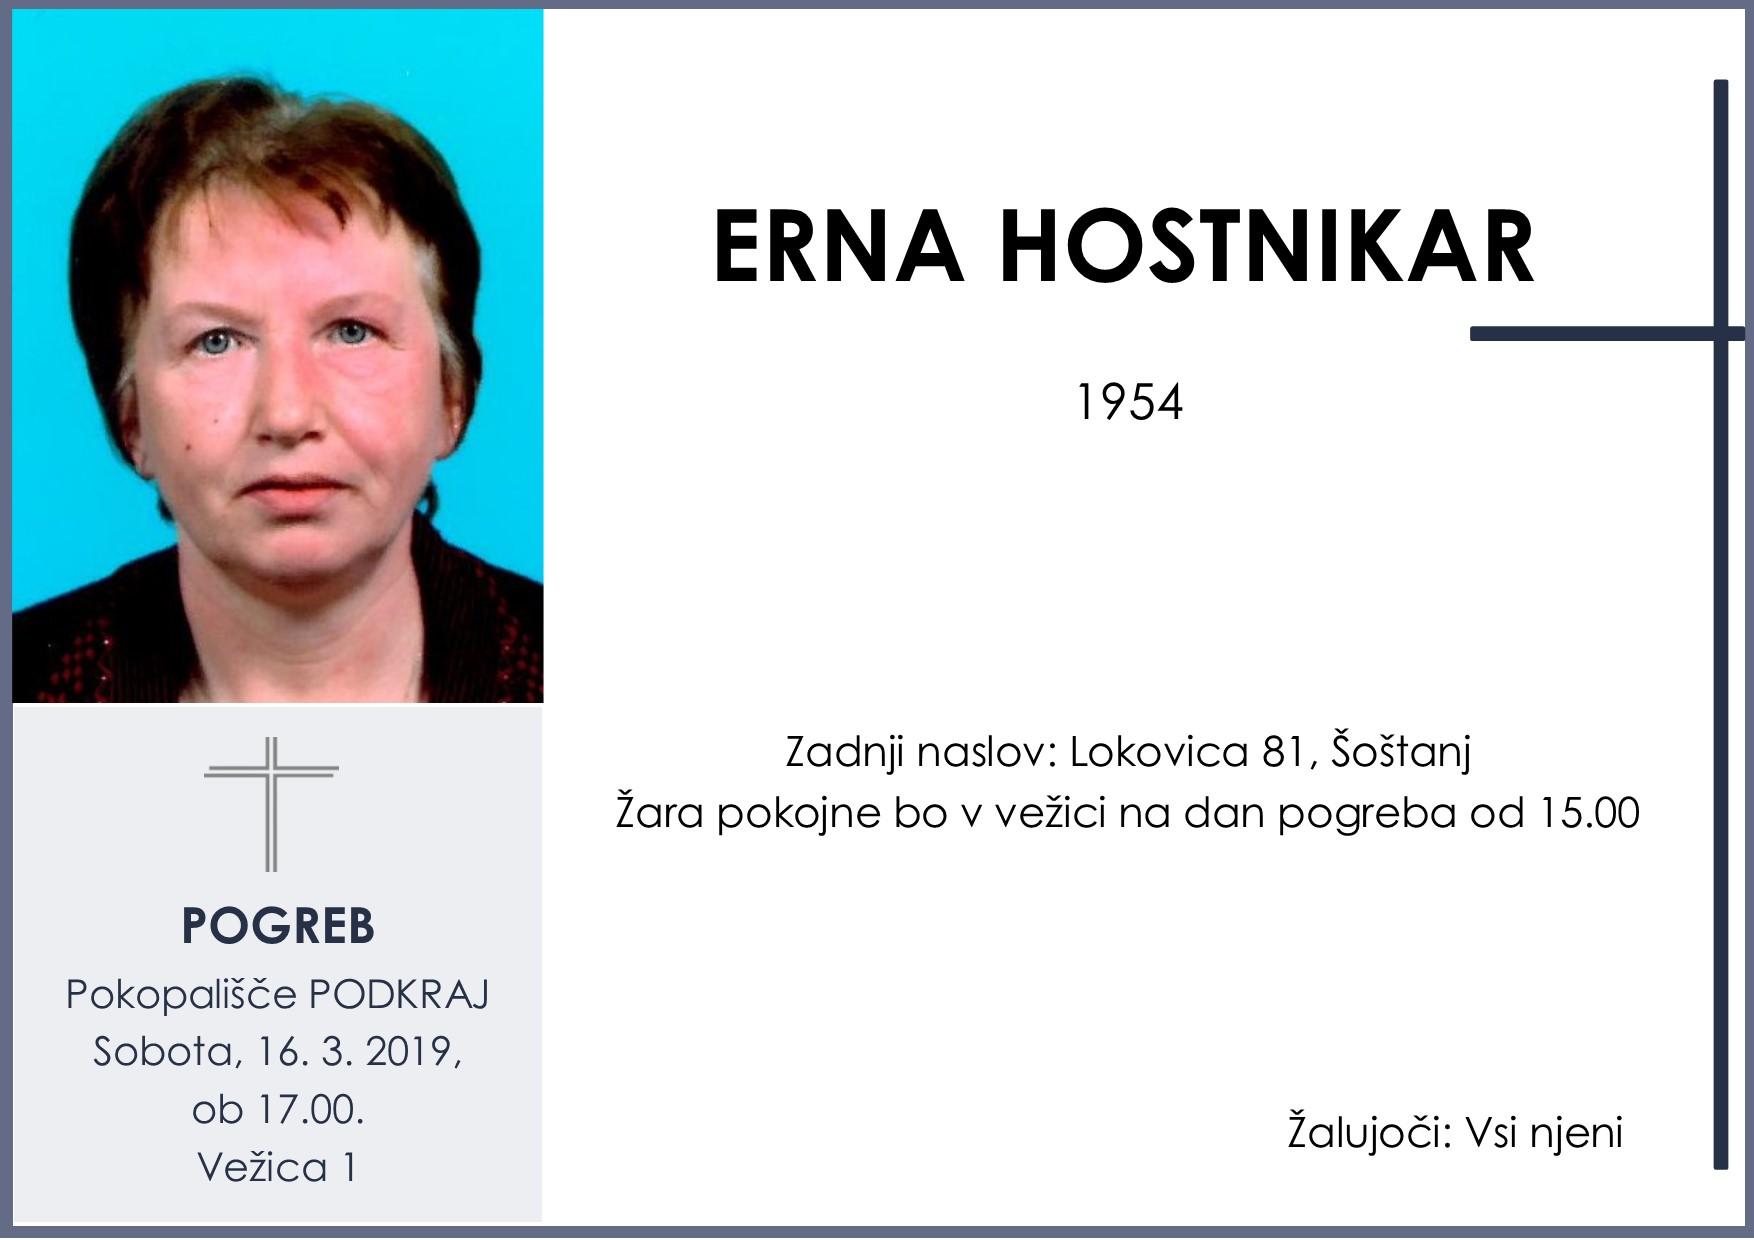 ERNA HOSTNIKAR, Podkraj, 16. 3. 2019